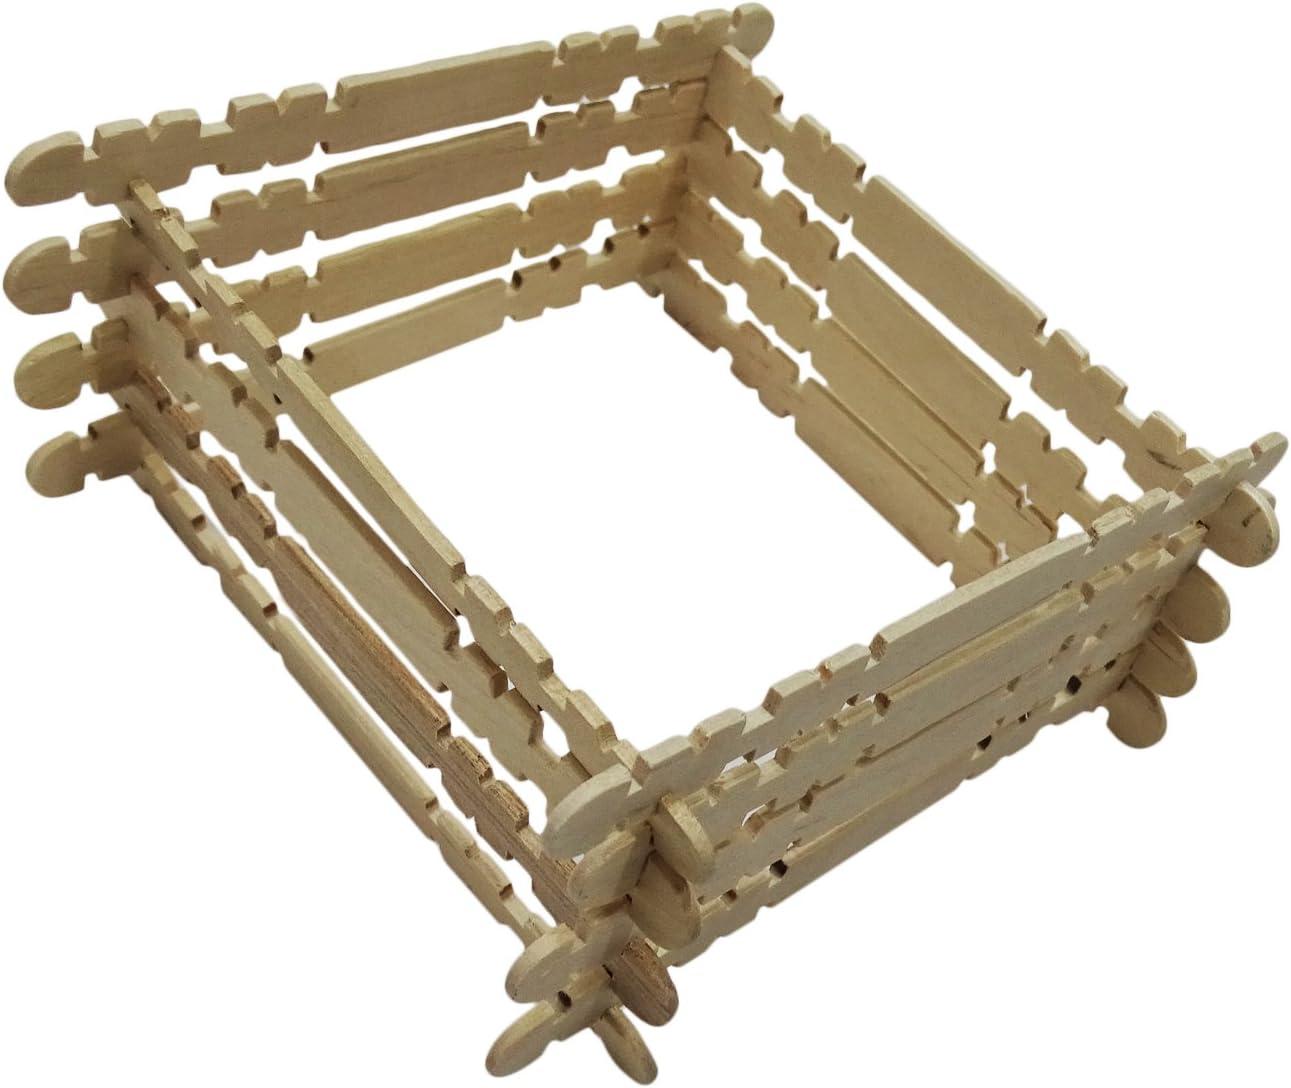 PEEGLI 50 Pcs Palitos De Madera De Madera De Helado Hecho A Mano Sticks Sticks Diseñador Proyecto del Arte De Los Niños: Amazon.es: Hogar